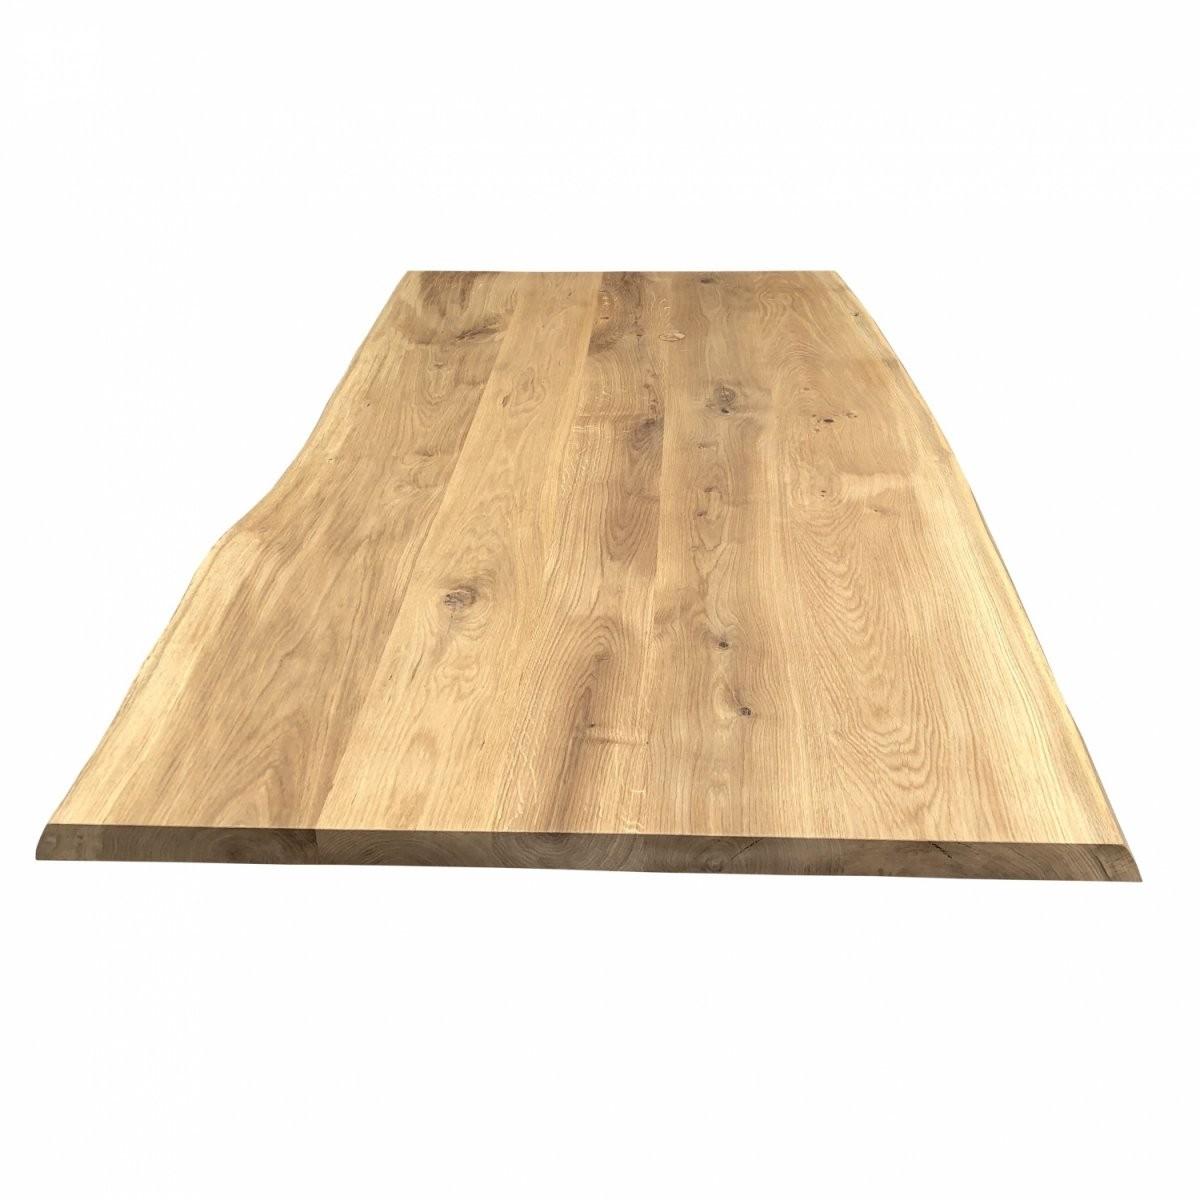 Tischplatten Mit Baumkante In Merzenich von Tischplatte Nach Maß Kunststoff Photo